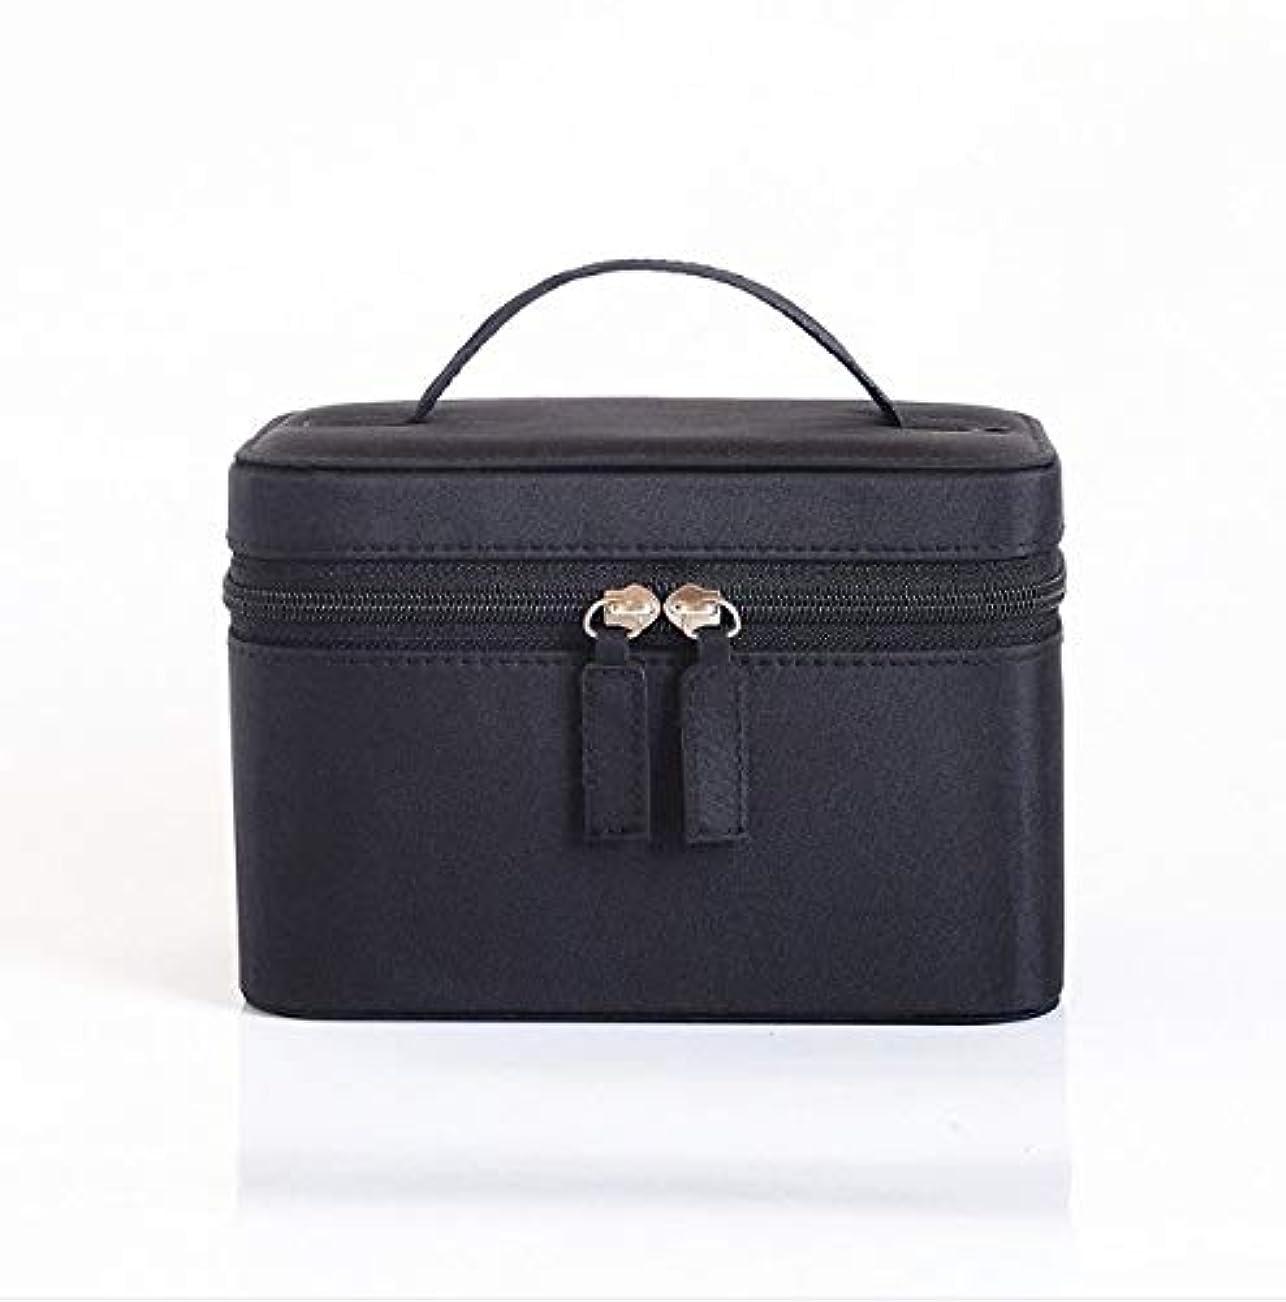 化粧品ケース、大容量防水三次元ポータブル旅行化粧品袋収納袋、美容ネイルジュエリー収納ボックス